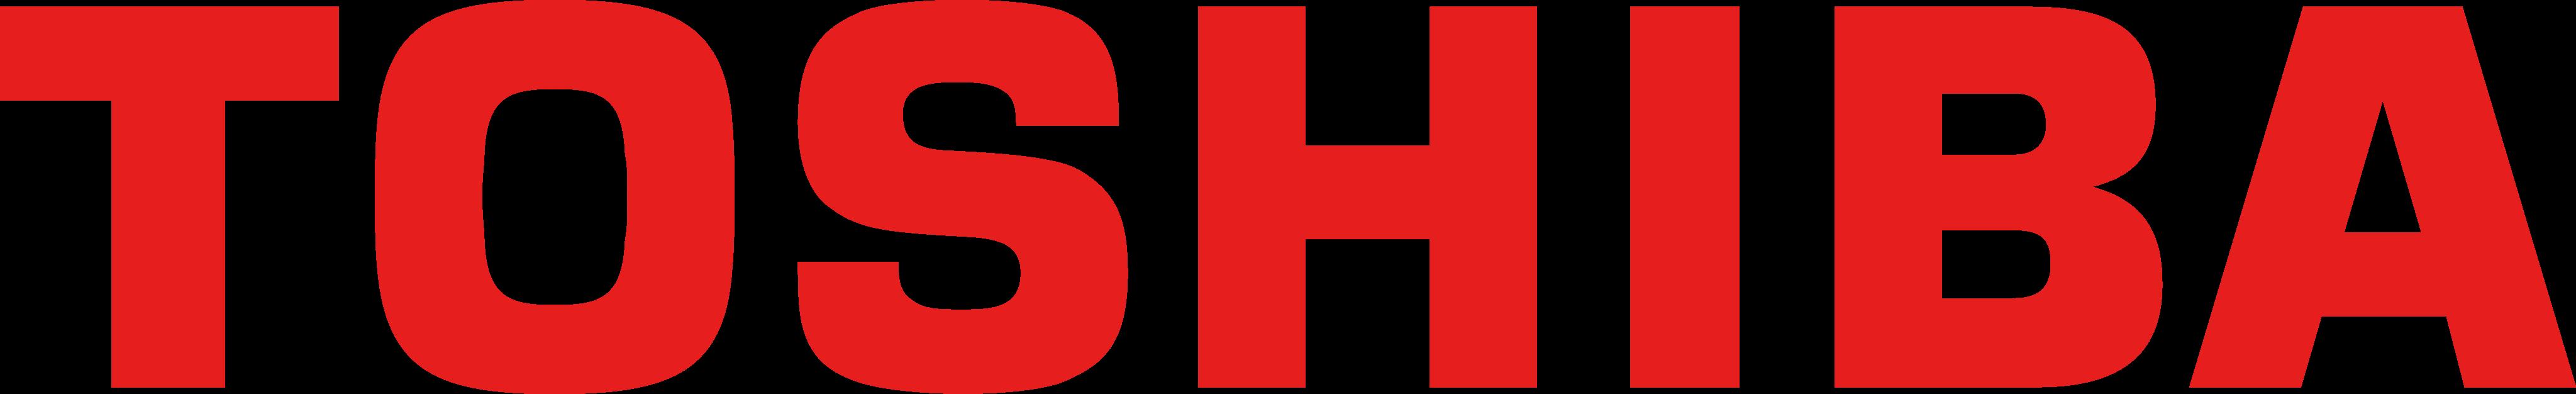 toshiba logo 1 - Toshiba Logo